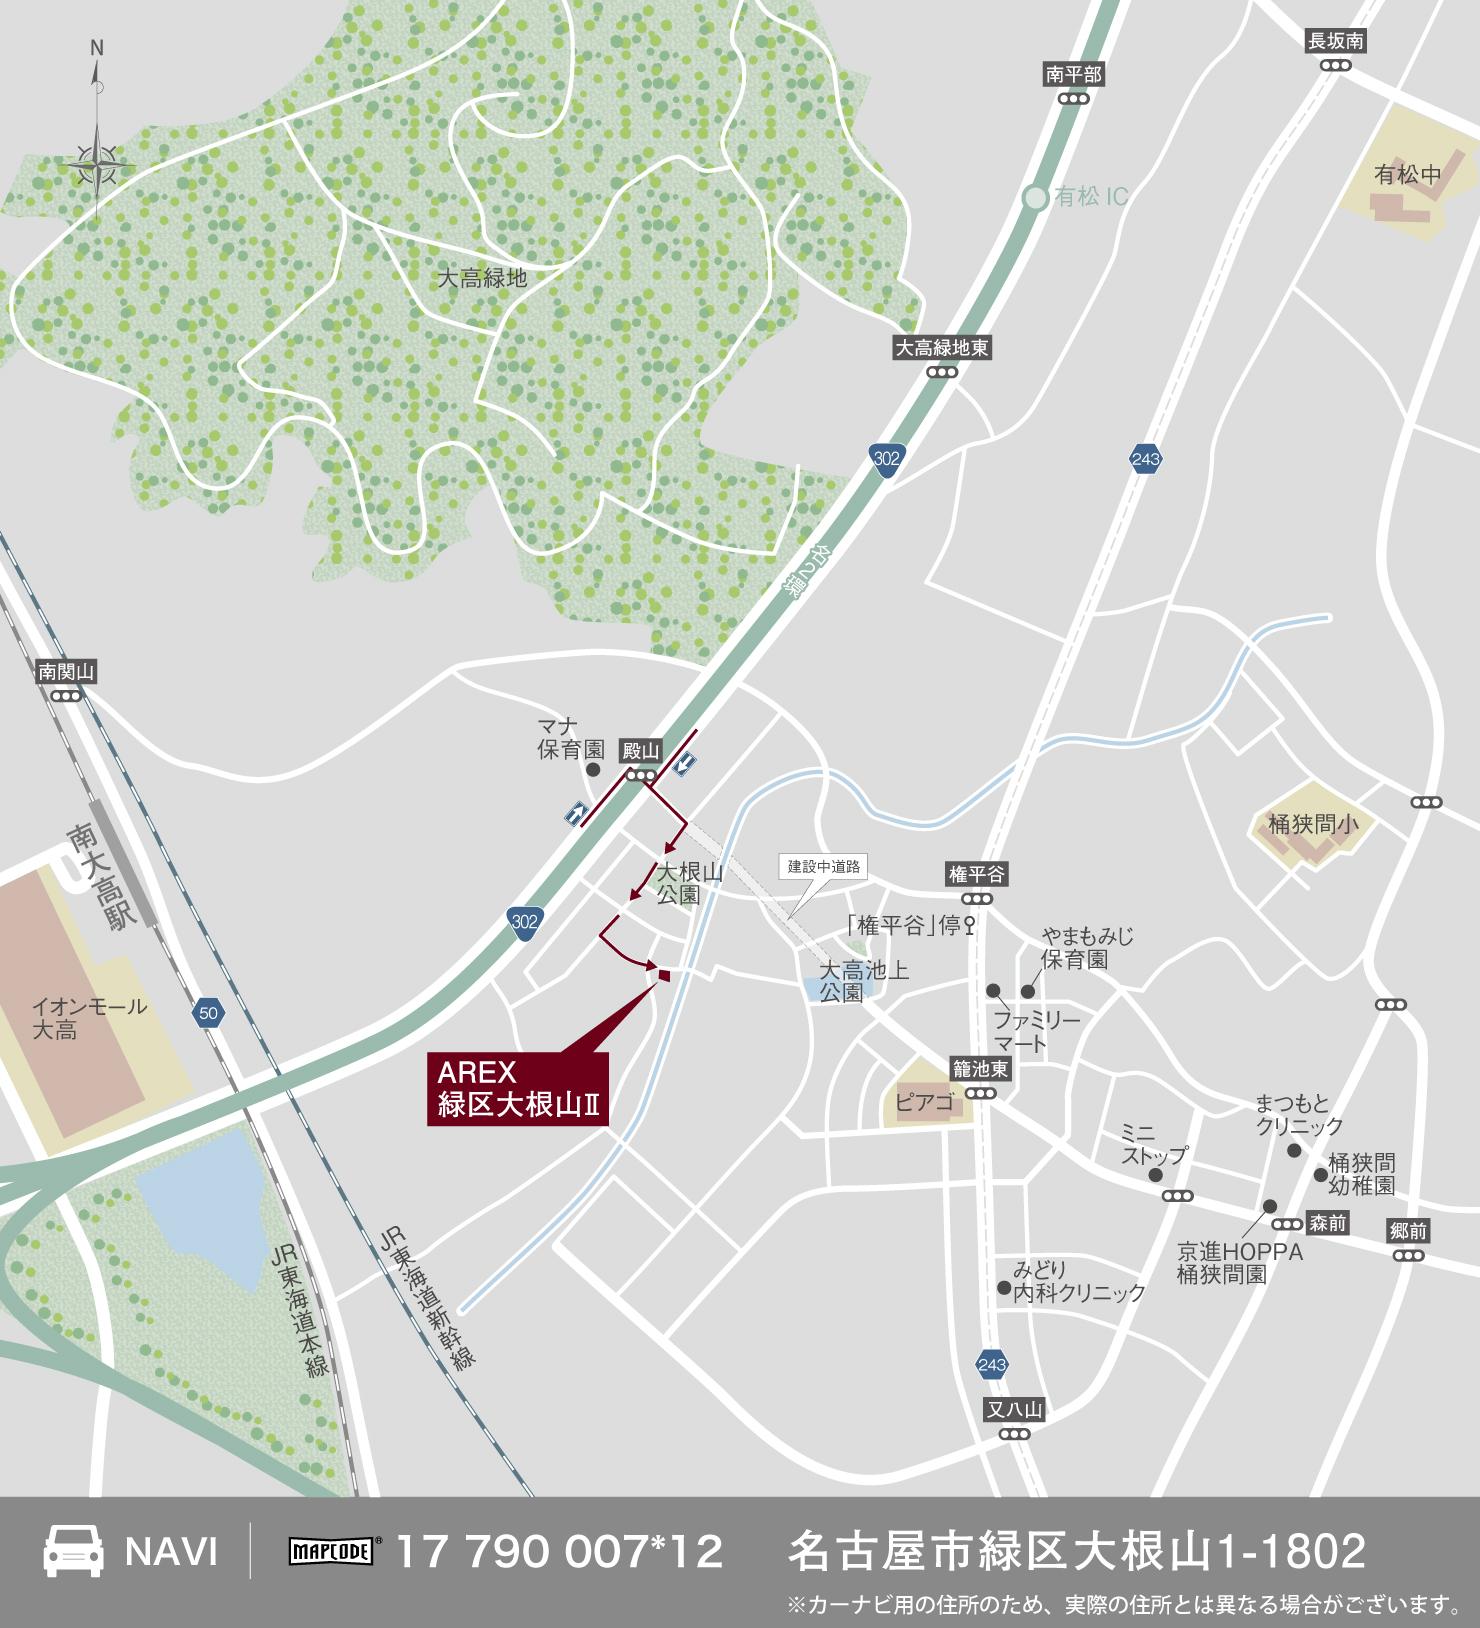 3_地図_緑区大根山2